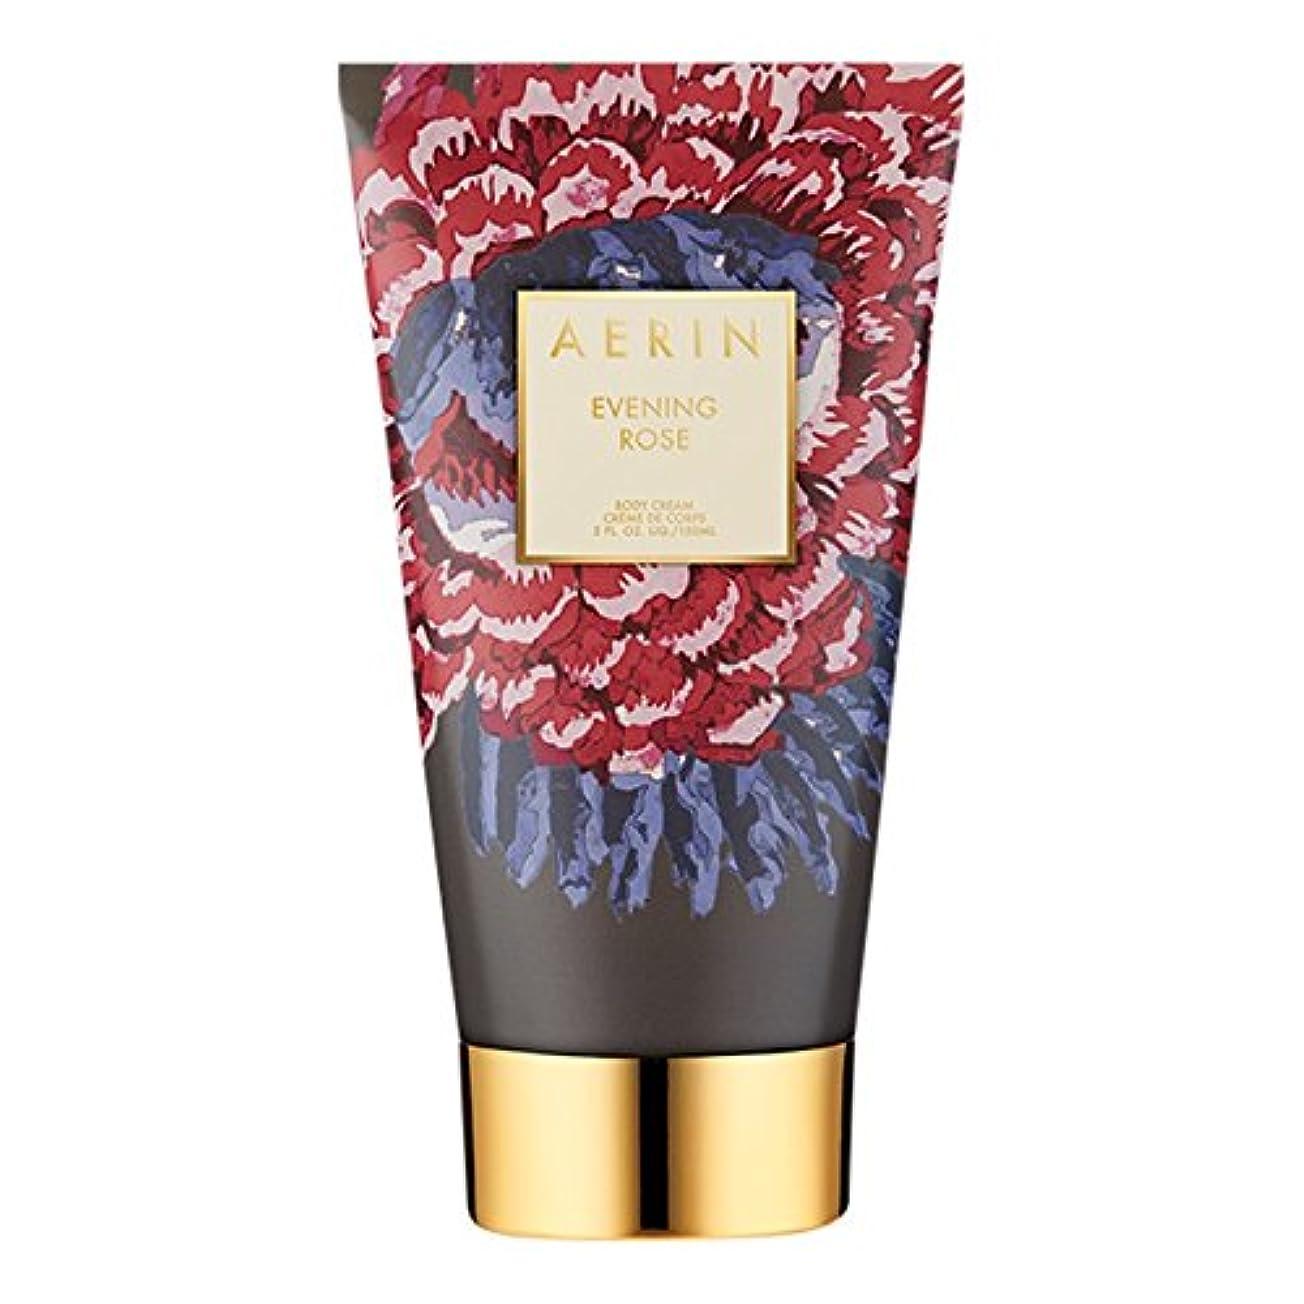 トリップ議論する見えないAerinの夜は、ボディクリーム150ミリリットルをバラ (AERIN) (x6) - AERIN Evening Rose Body Cream 150ml (Pack of 6) [並行輸入品]